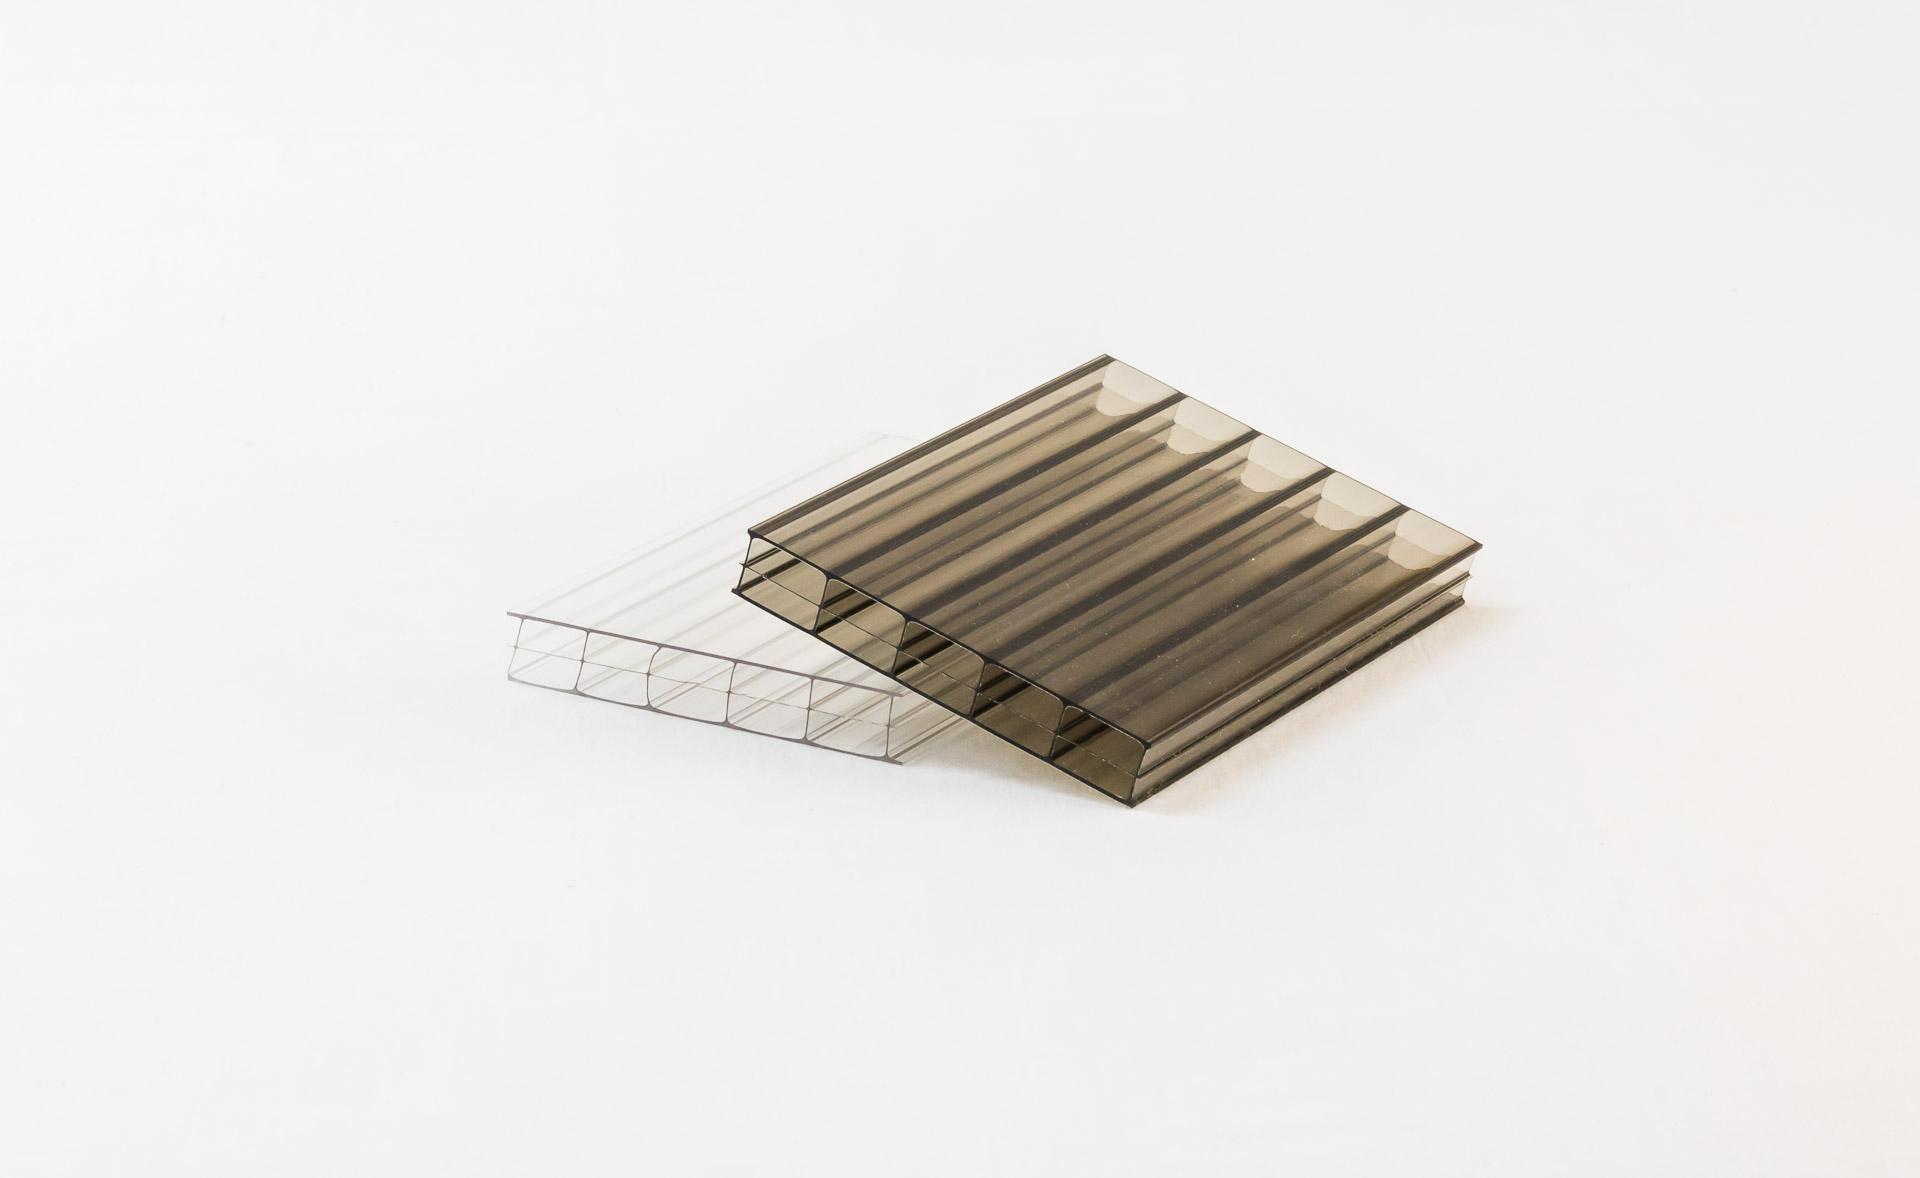 16mm polycarbonaat meerwandig